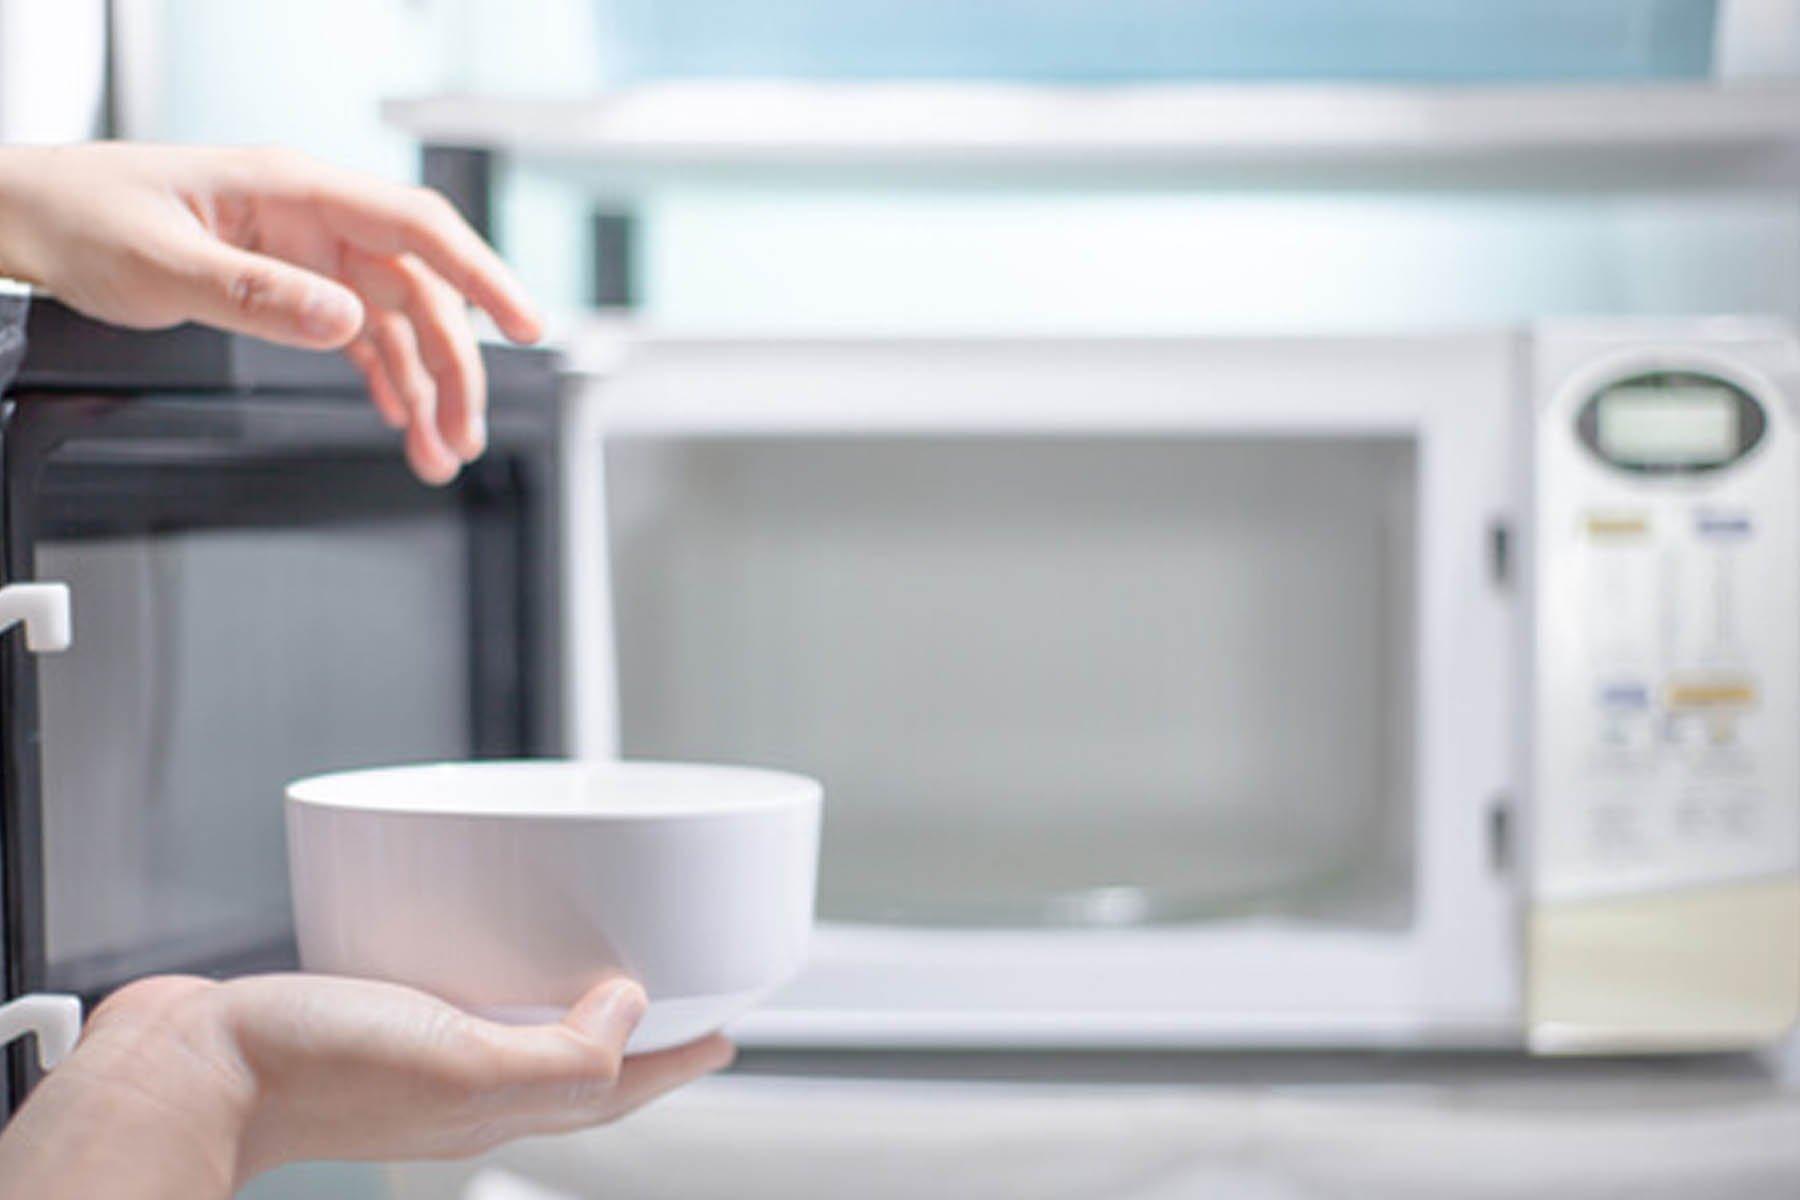 Miscela Per Pulire Il Forno come pulire il microonde: i rimedi naturali più efficaci